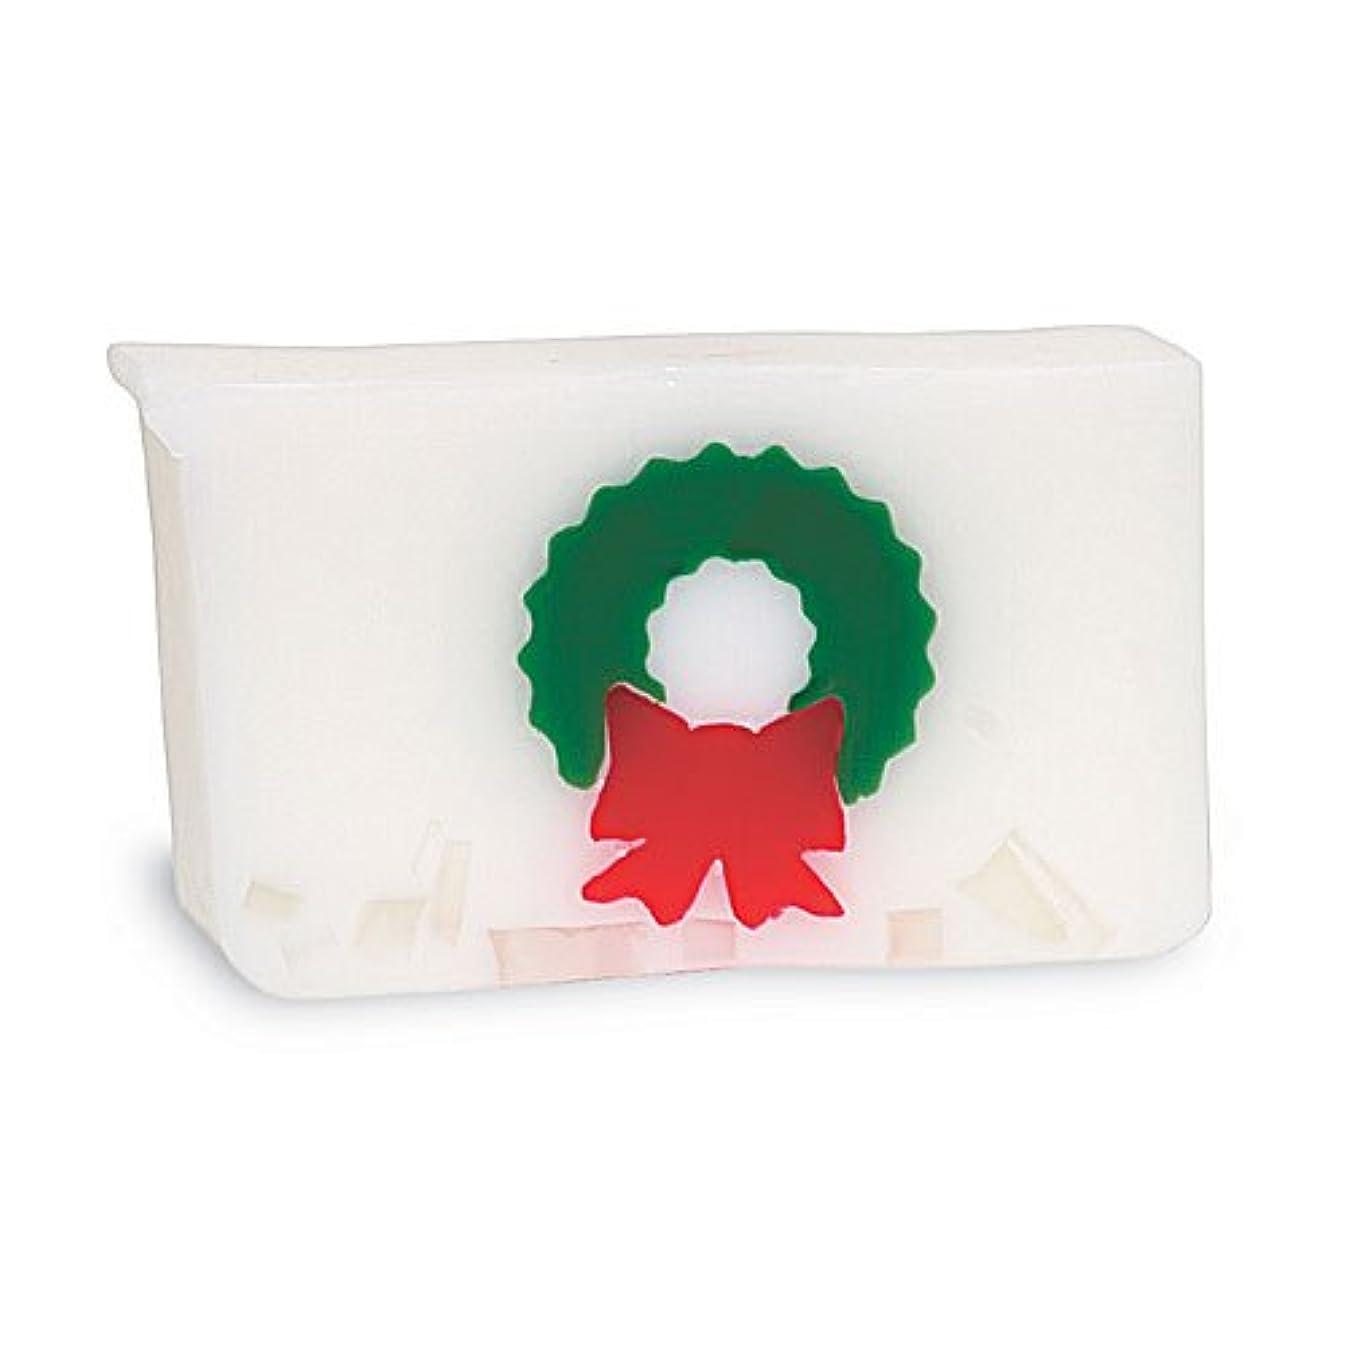 サリーオーナー帝国主義プライモールエレメンツ アロマティック ソープ クリスマスリース 180g 植物性 ナチュラル 石鹸 無添加